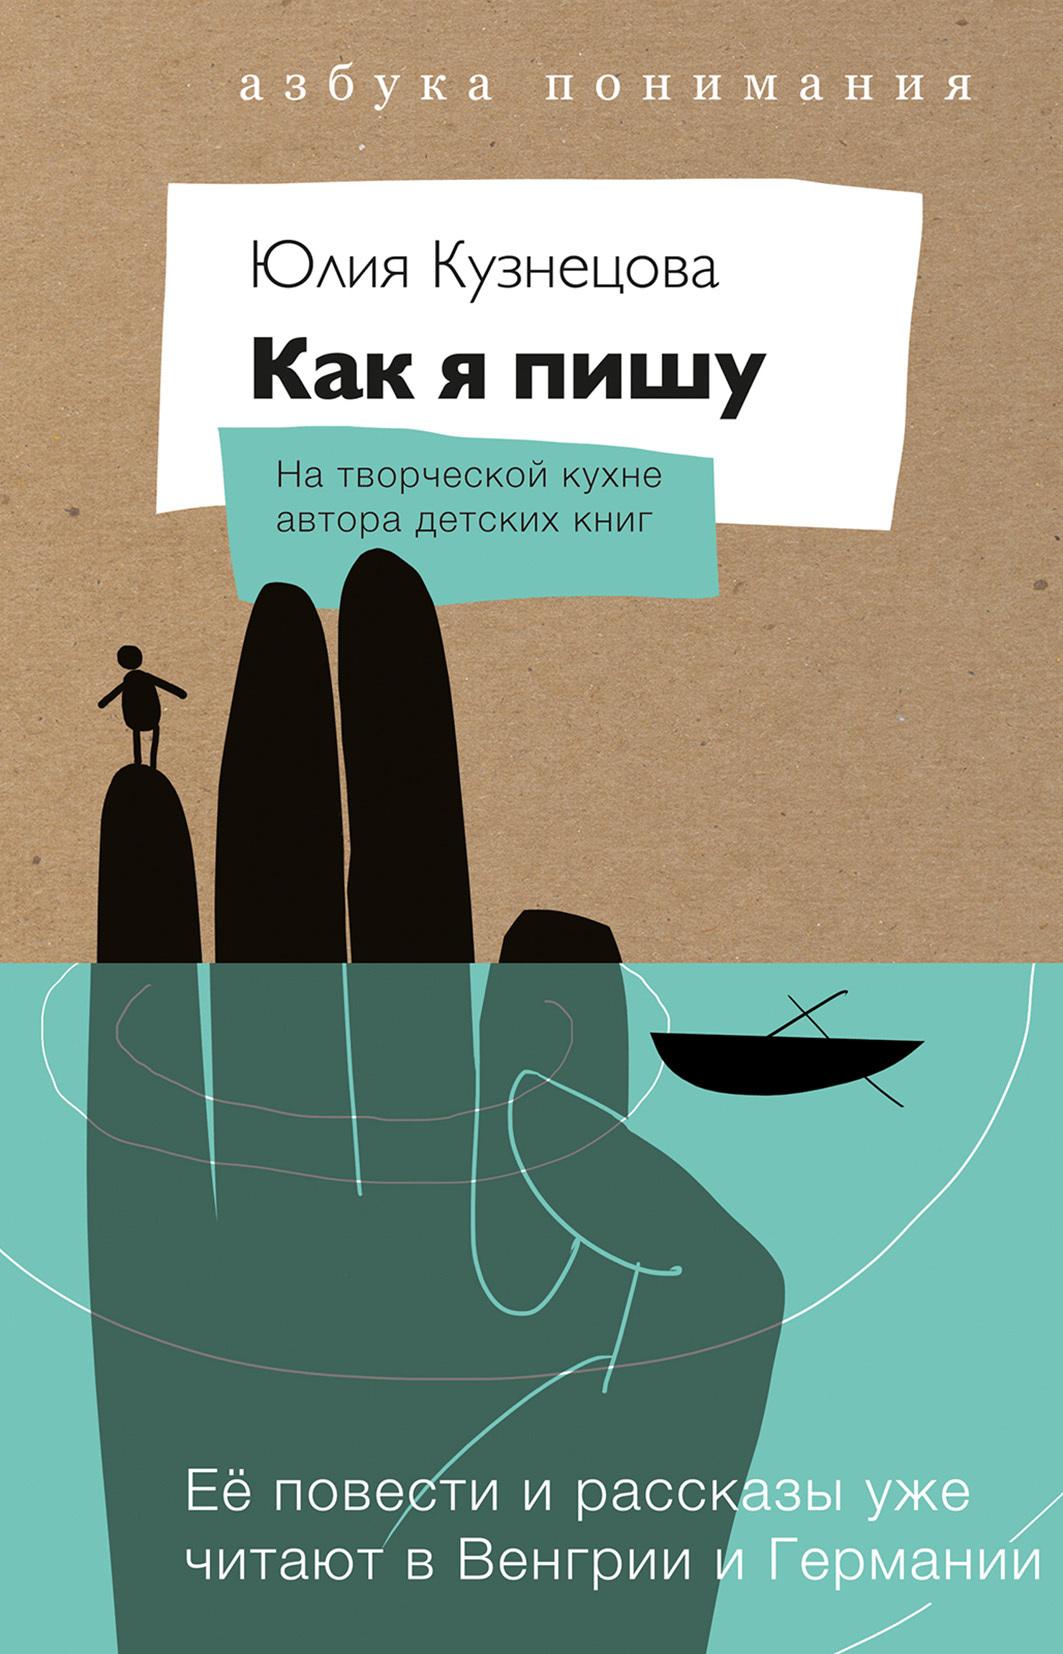 Кузнецова юлия первая работа читать онлайн бесплатно внутренний контроль на форекс